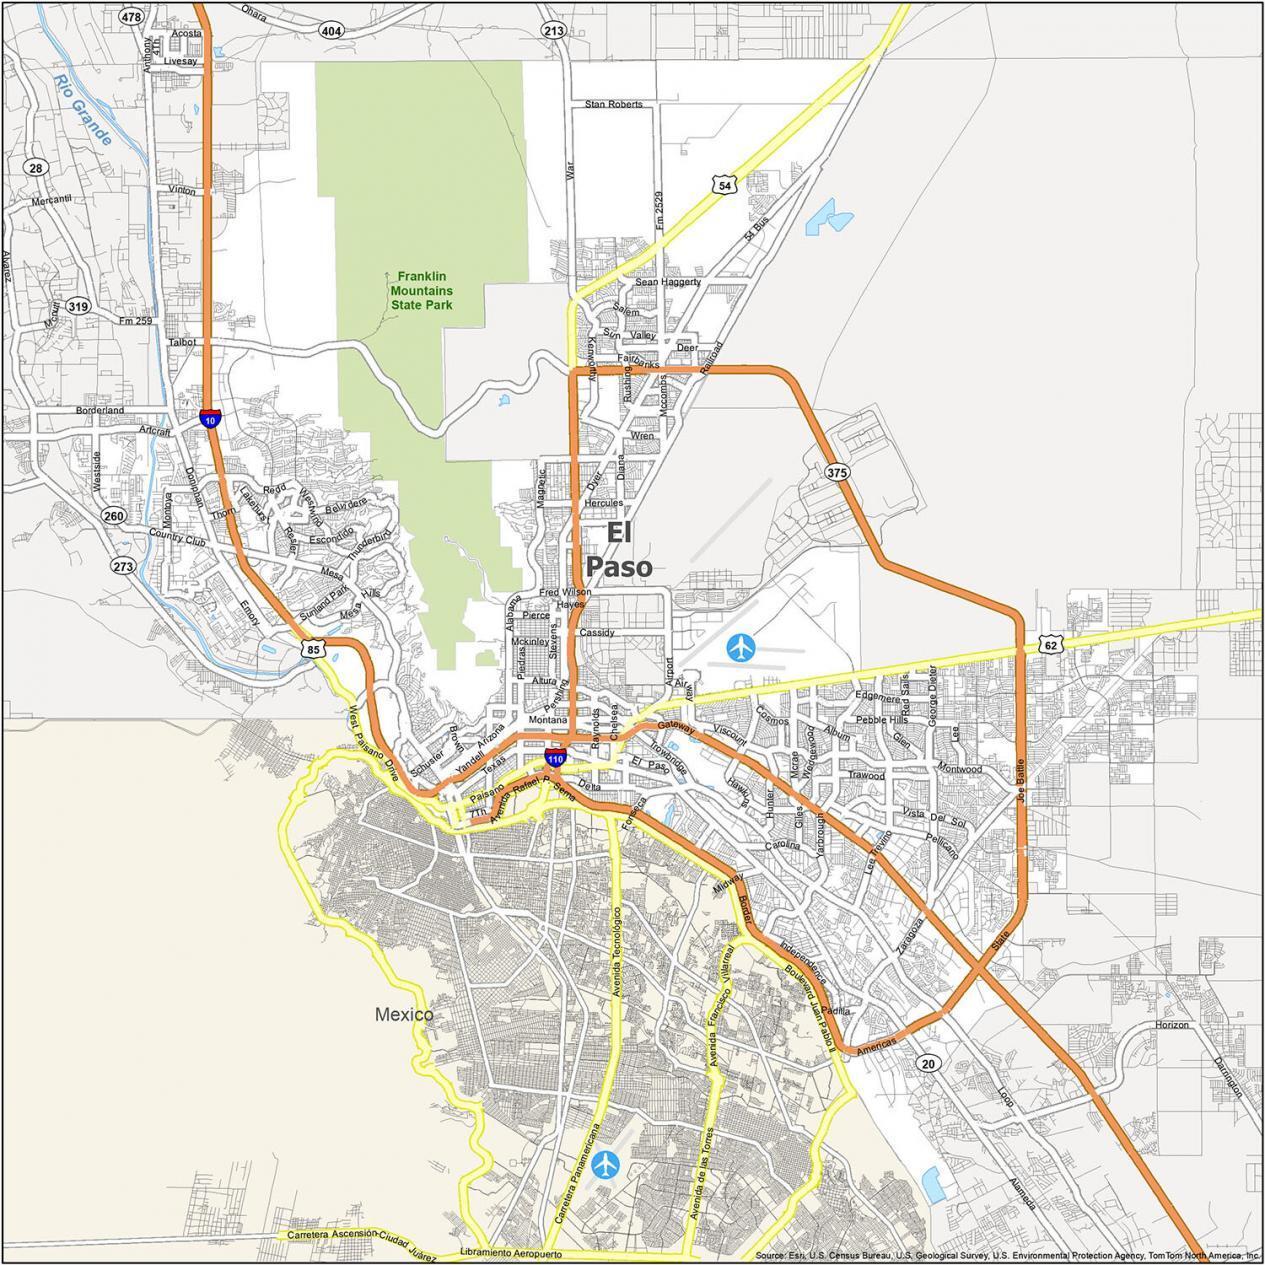 El Paso Road Map